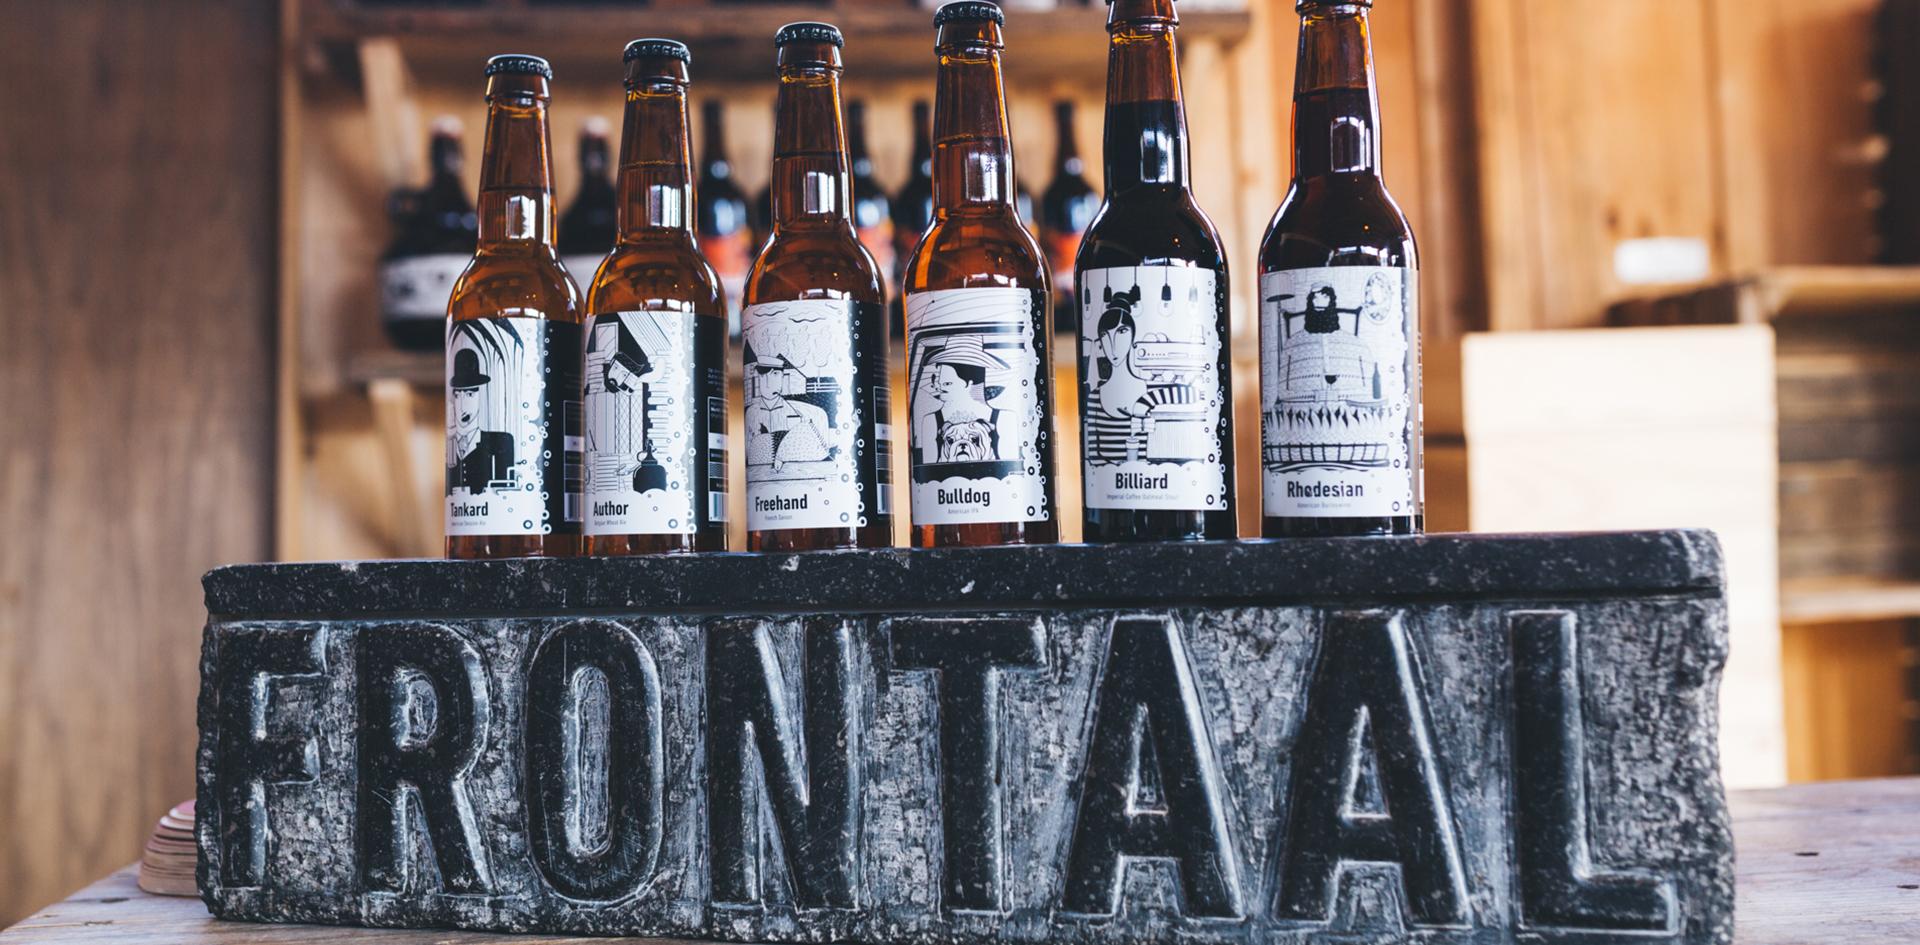 pils-bier-brouwerij-nederland-streekbier-breda-frontaal-assortiment